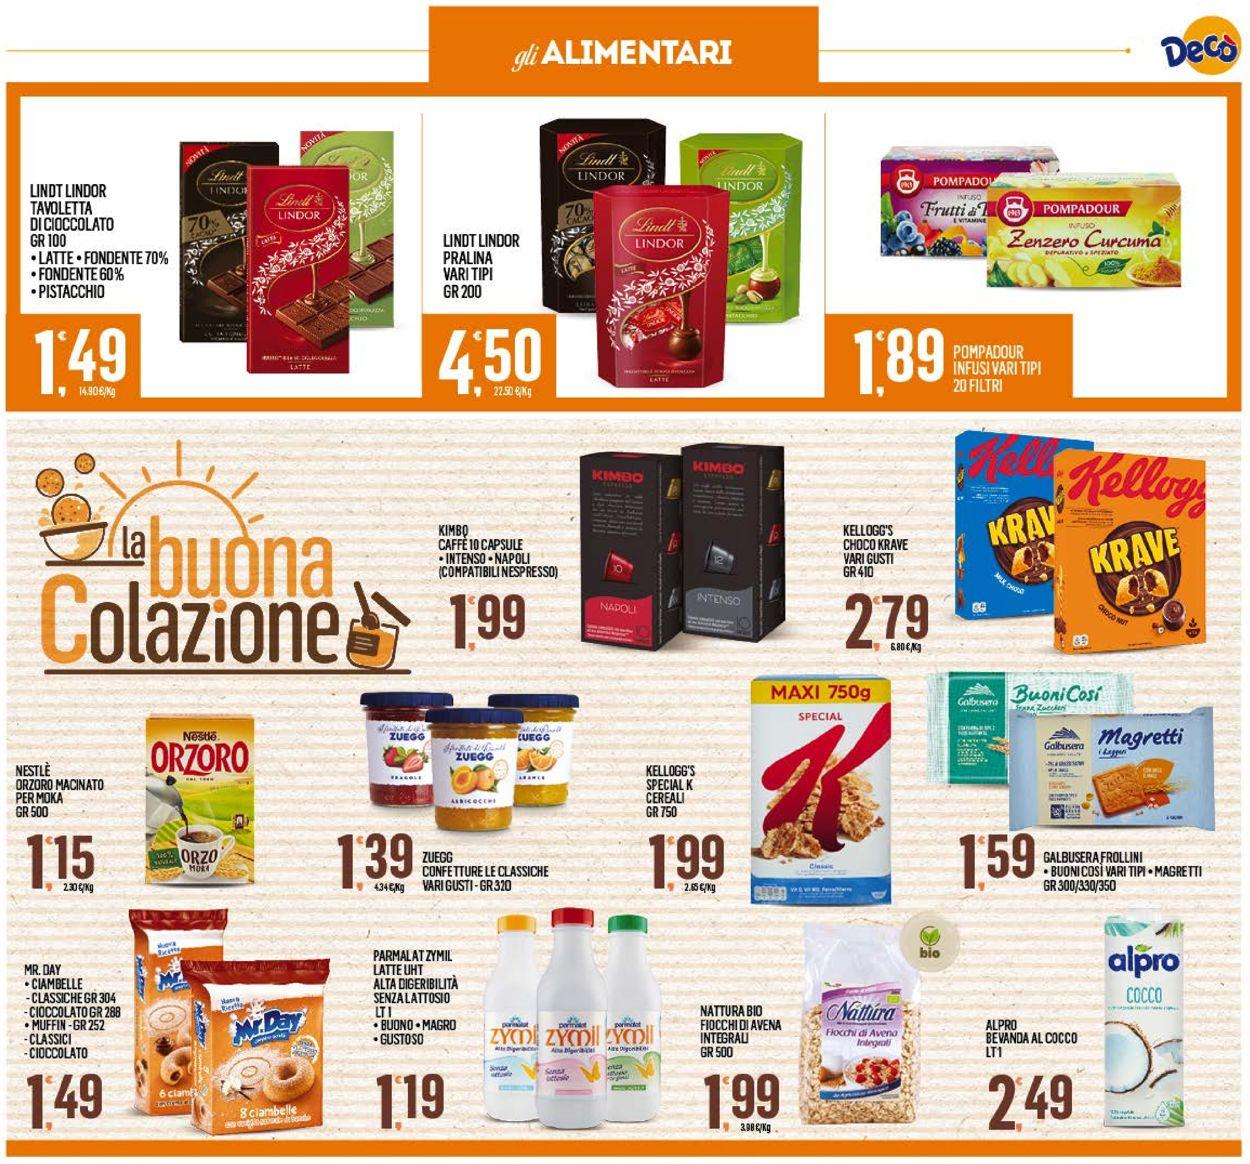 Volantino Deco - Offerte 09/02-18/02/2021 (Pagina 15)